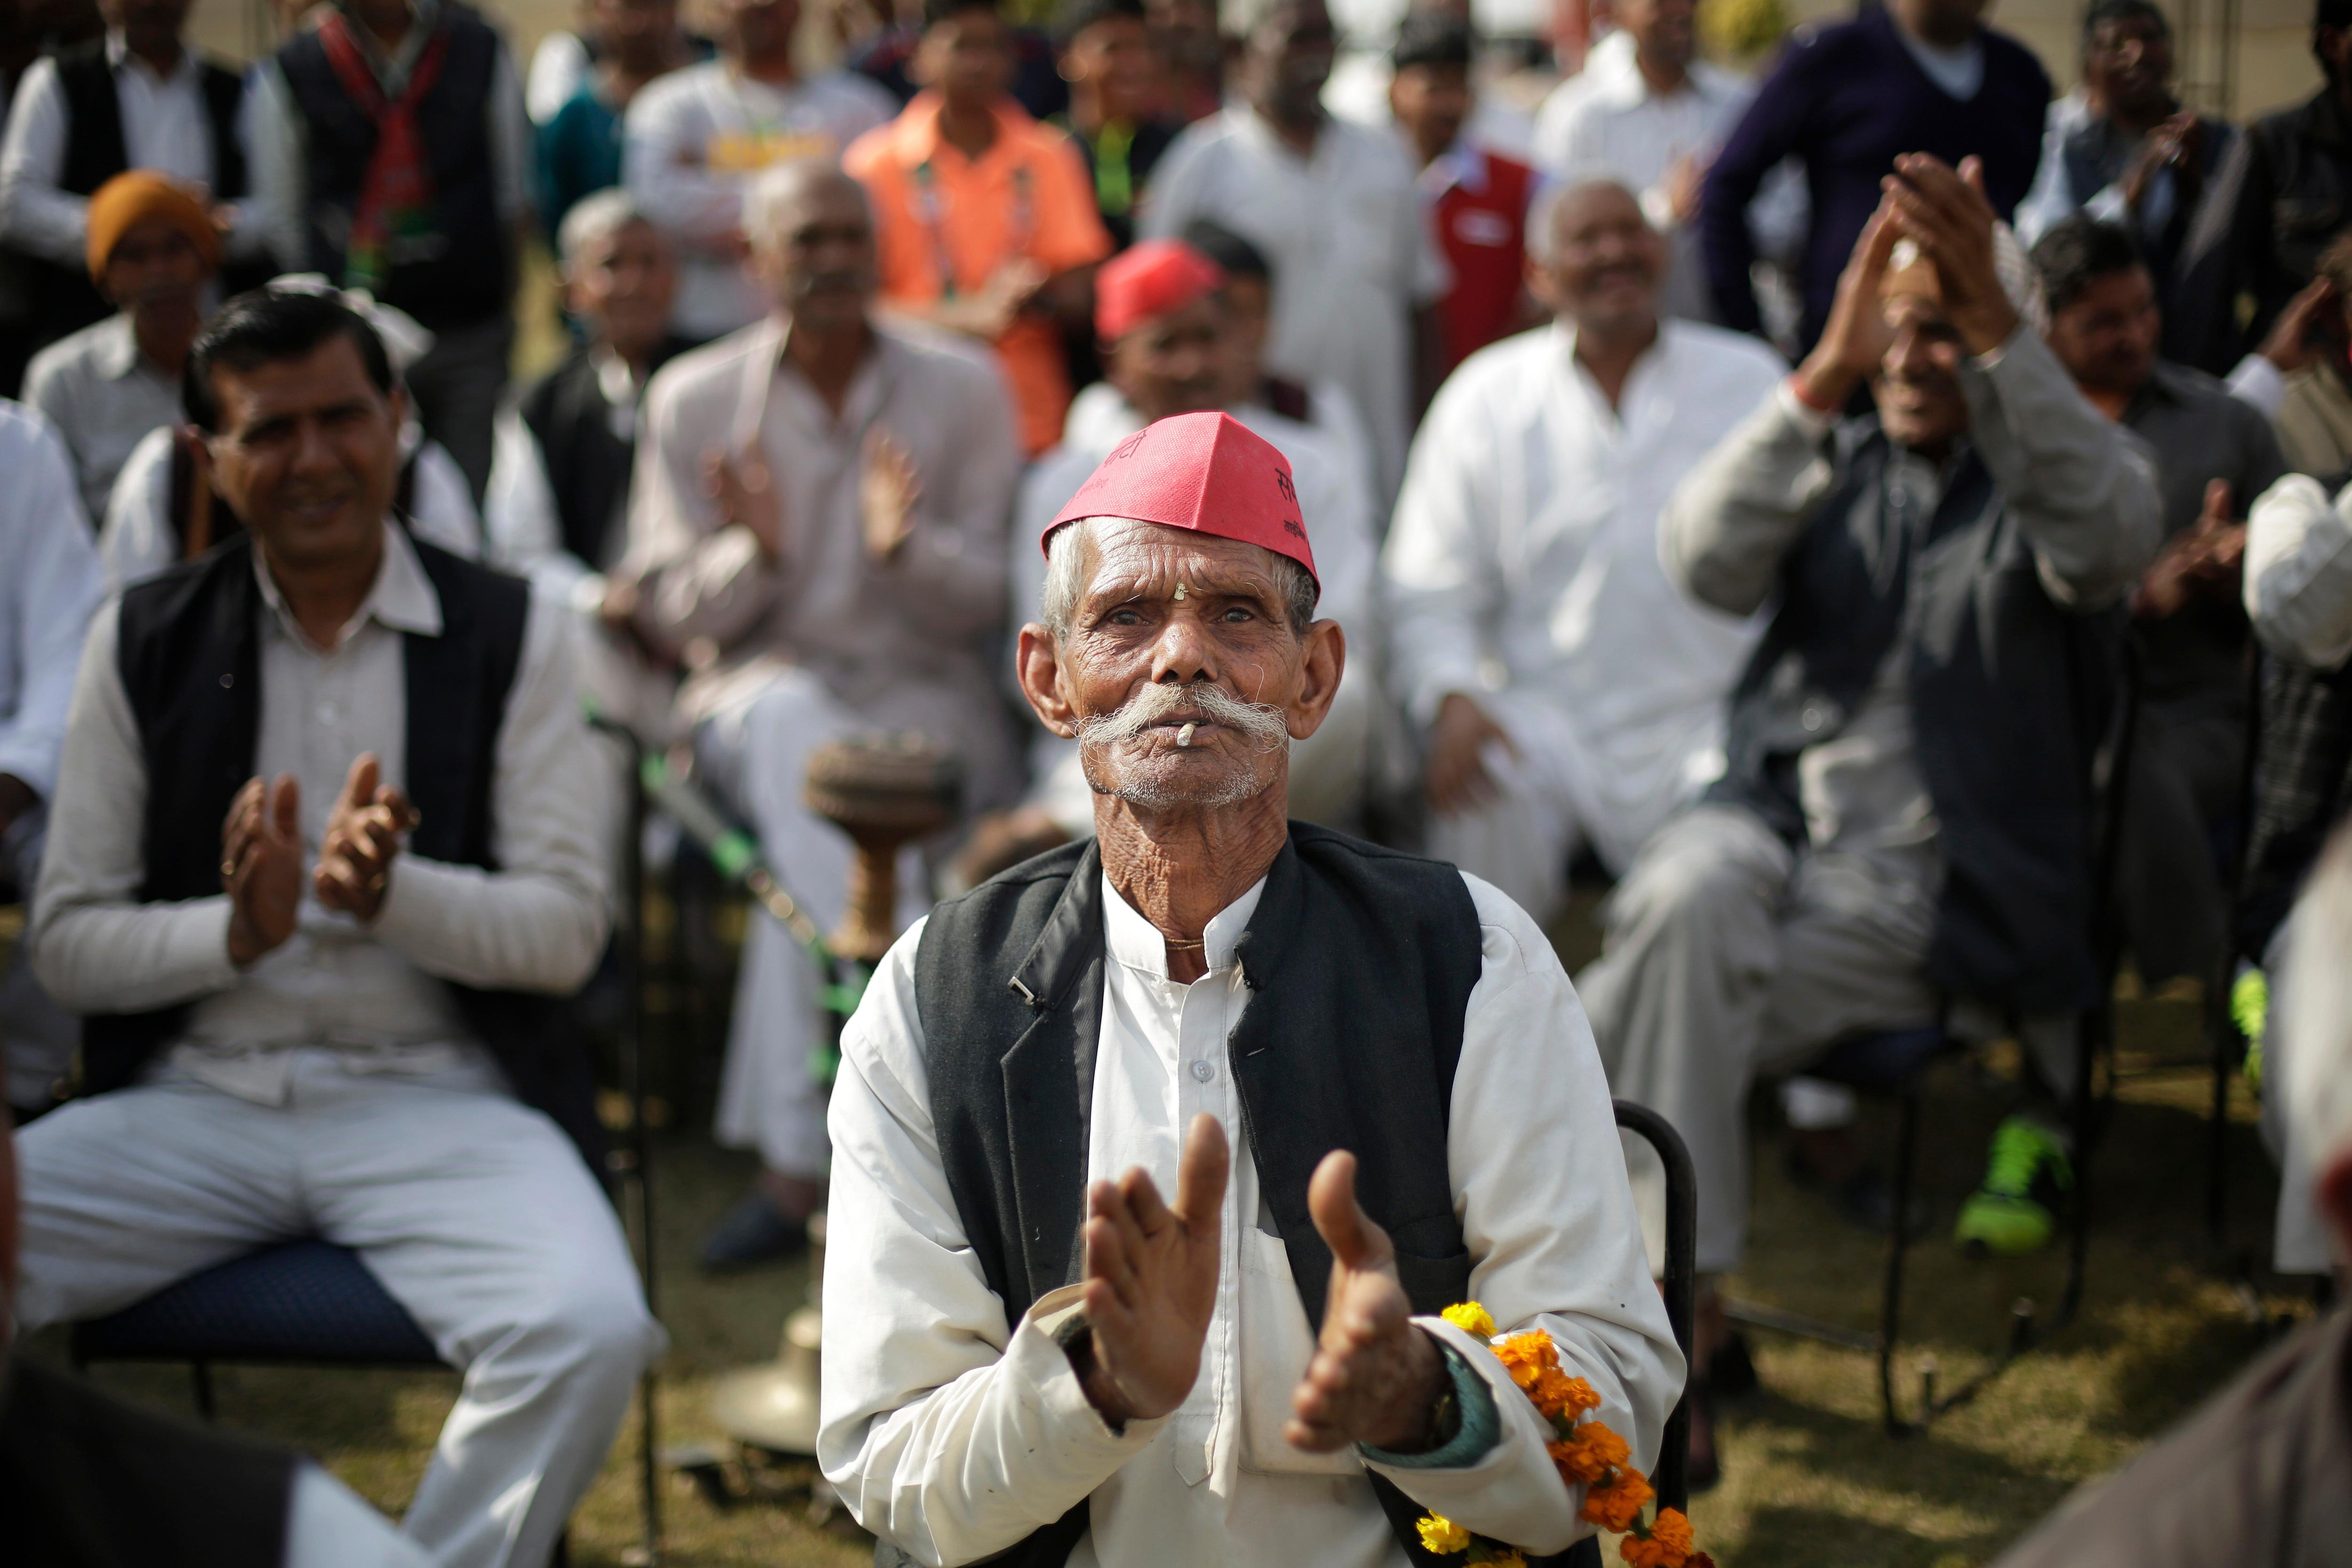 Η γέννηση ενός γιου θεωρείται γιορτή στην Ινδία